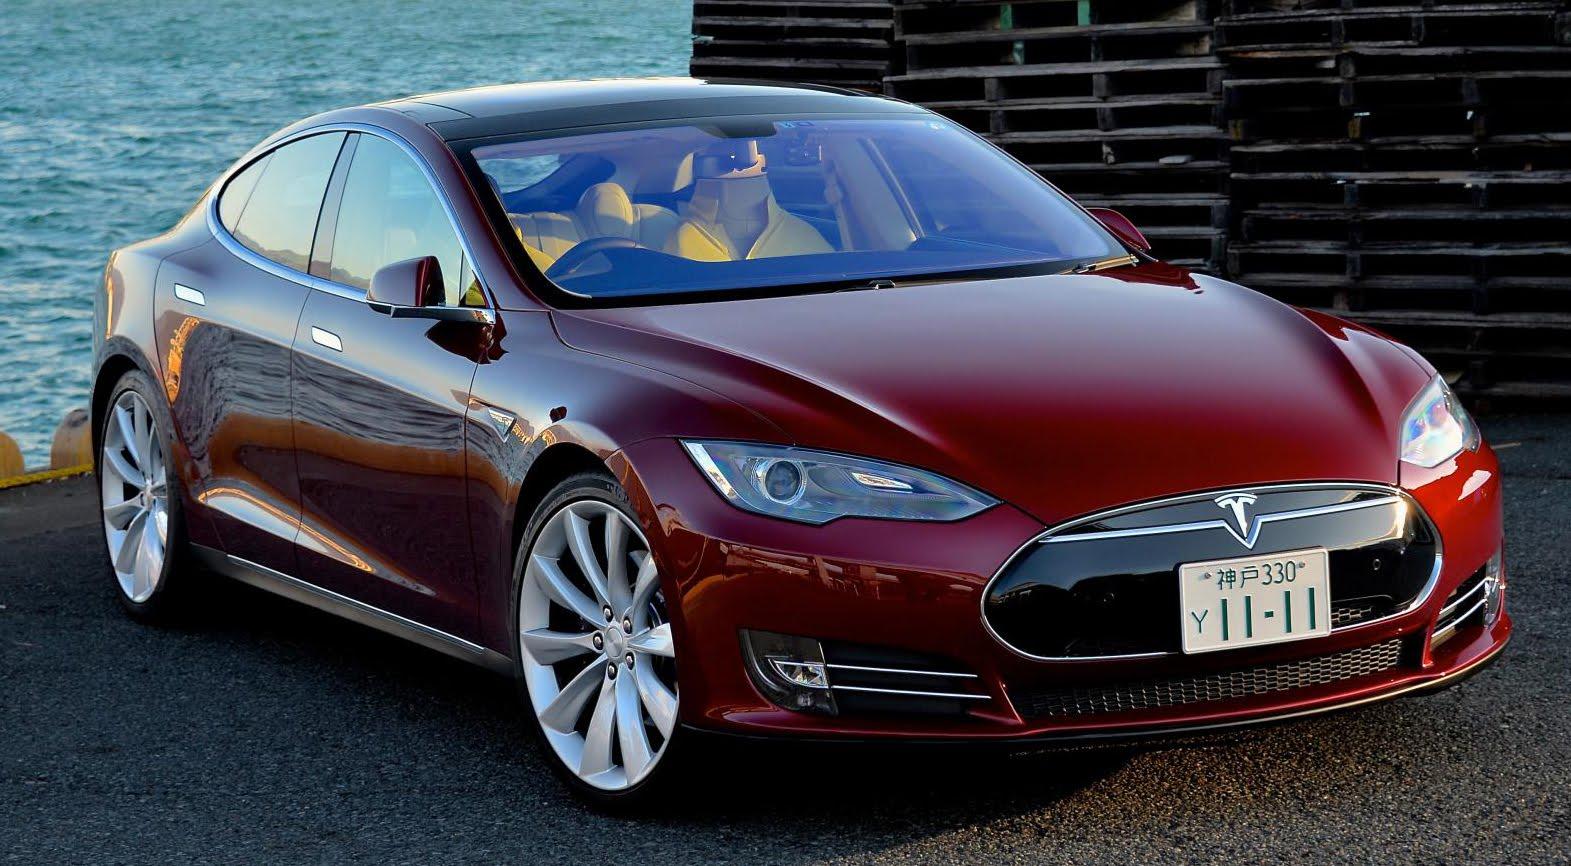 У Великобританії з'явилася страховка для безпілотних автомобілів